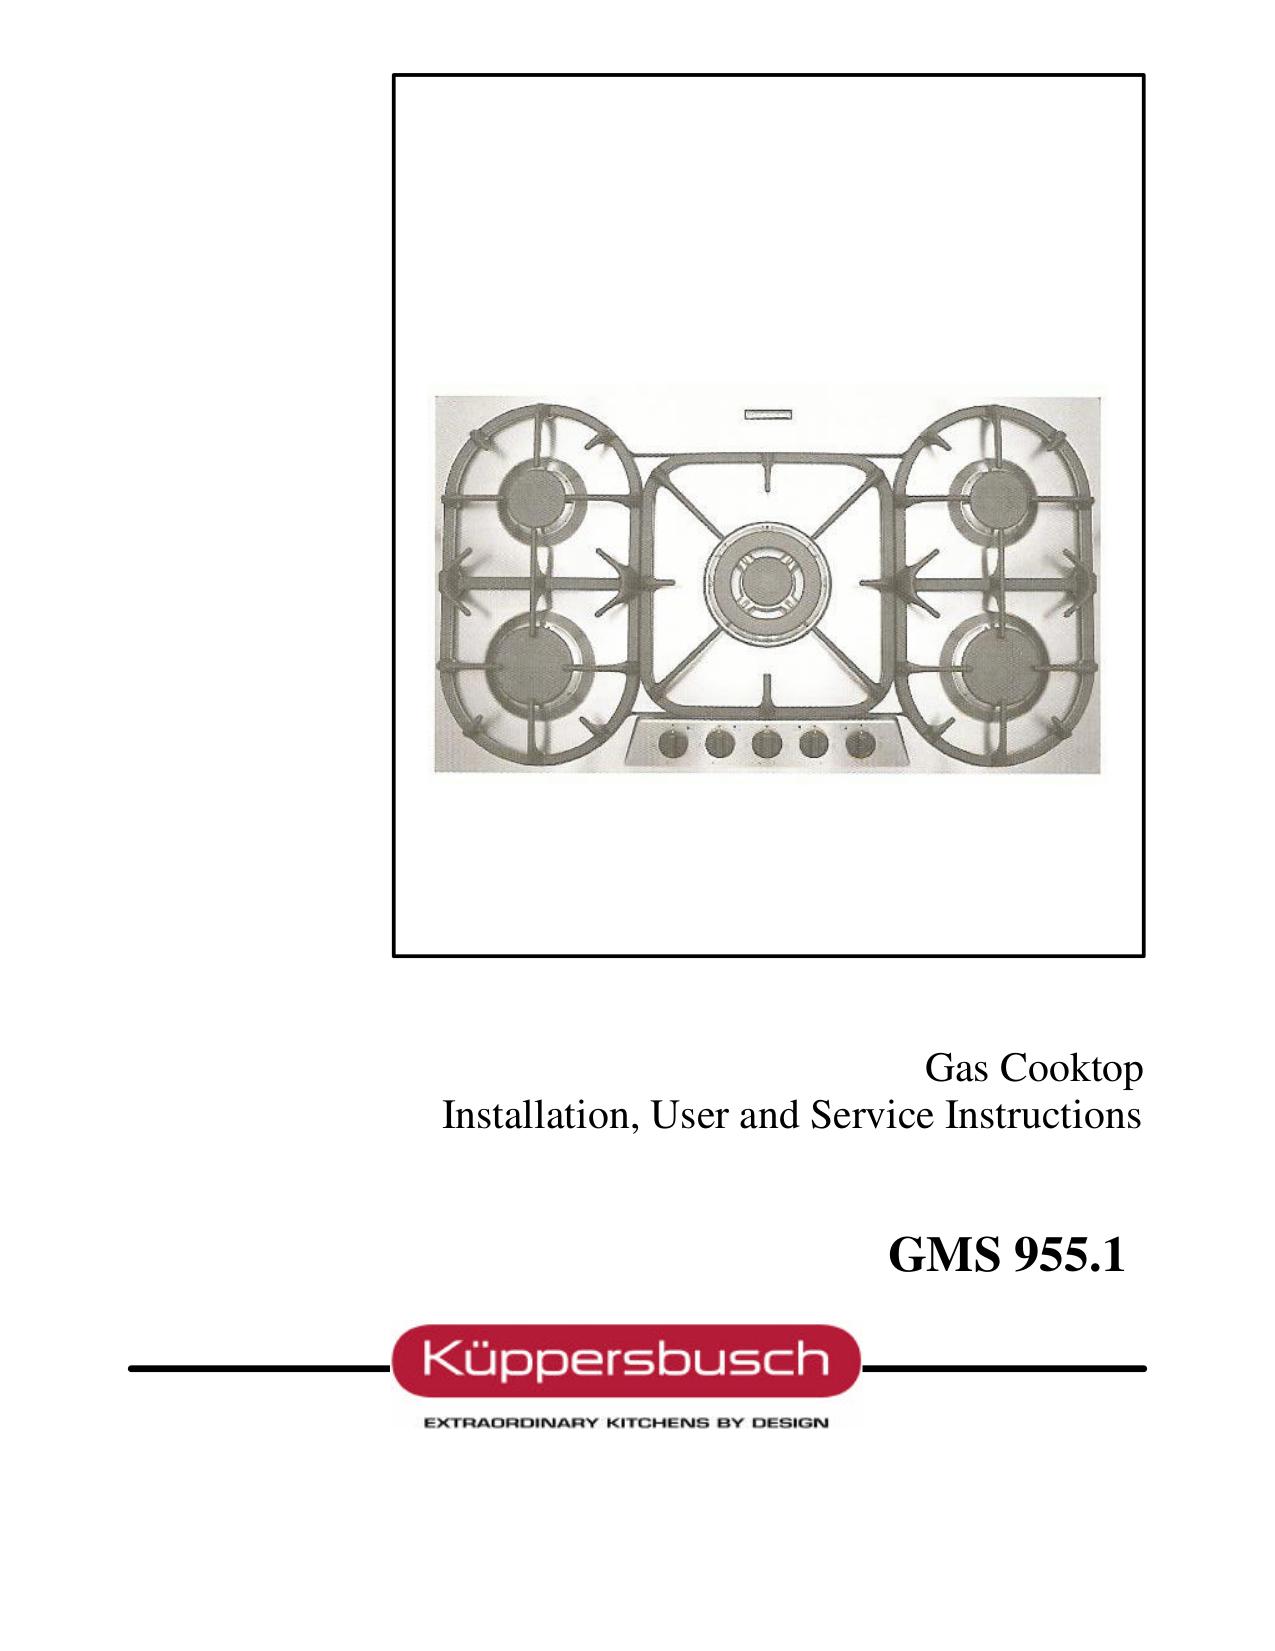 pdf for Kuppersbusch Range GMS955.1E manual